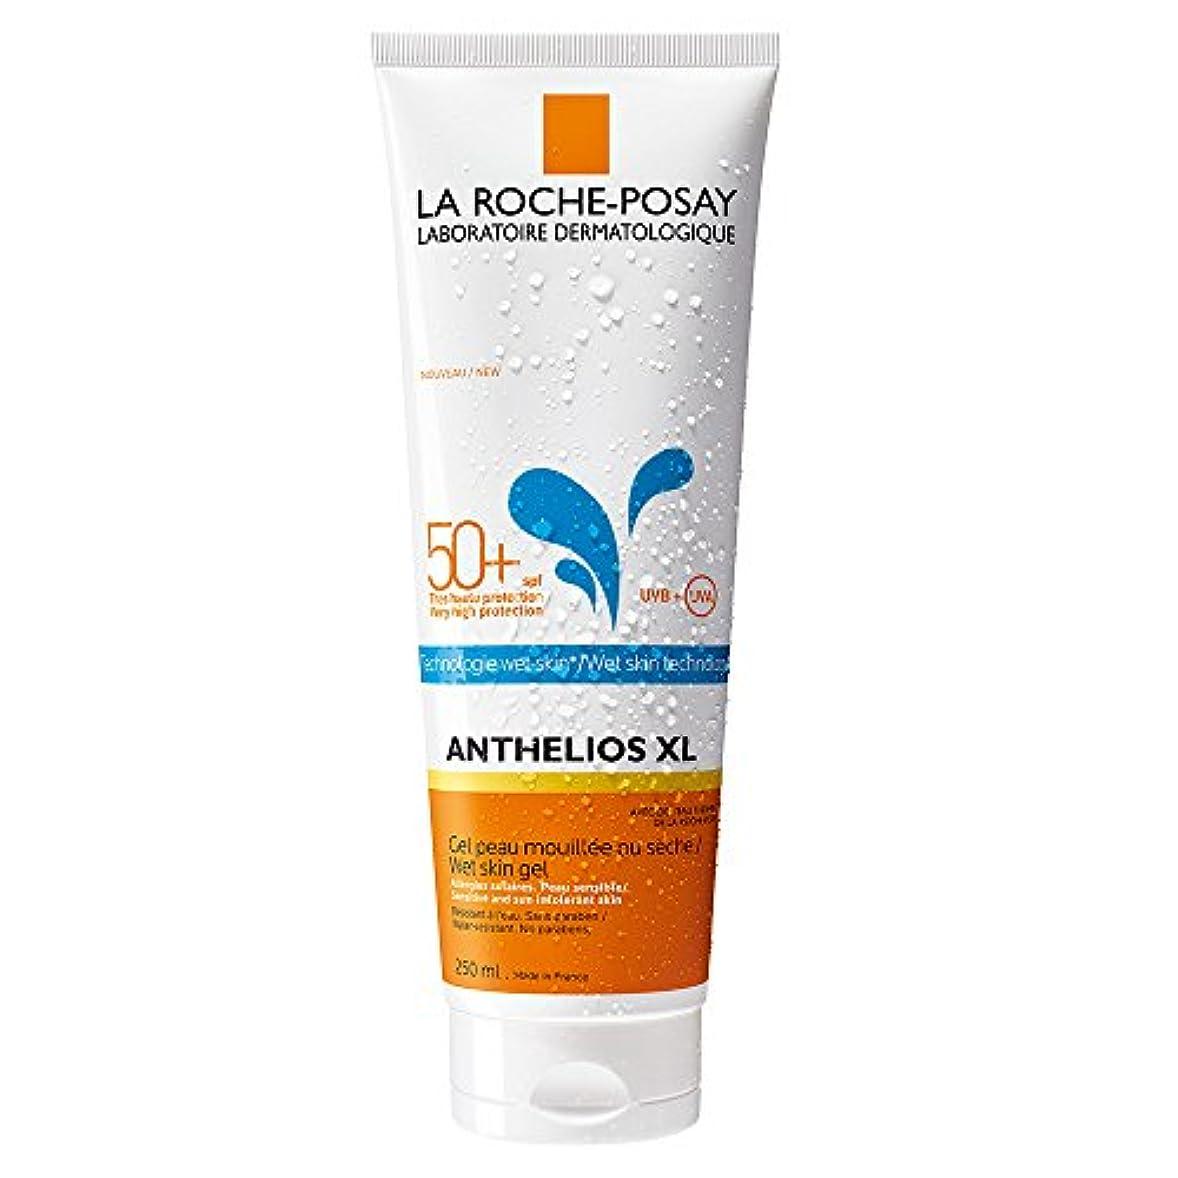 に向かって伝えるいまLa Roche-Posay(ラロッシュポゼ) 【濡れた肌にも使える日やけ止めジェルクリーム】アンテリオス XL ウェットスキン SPF50+/PA++++ 250mL <フェイス?ボディ用>